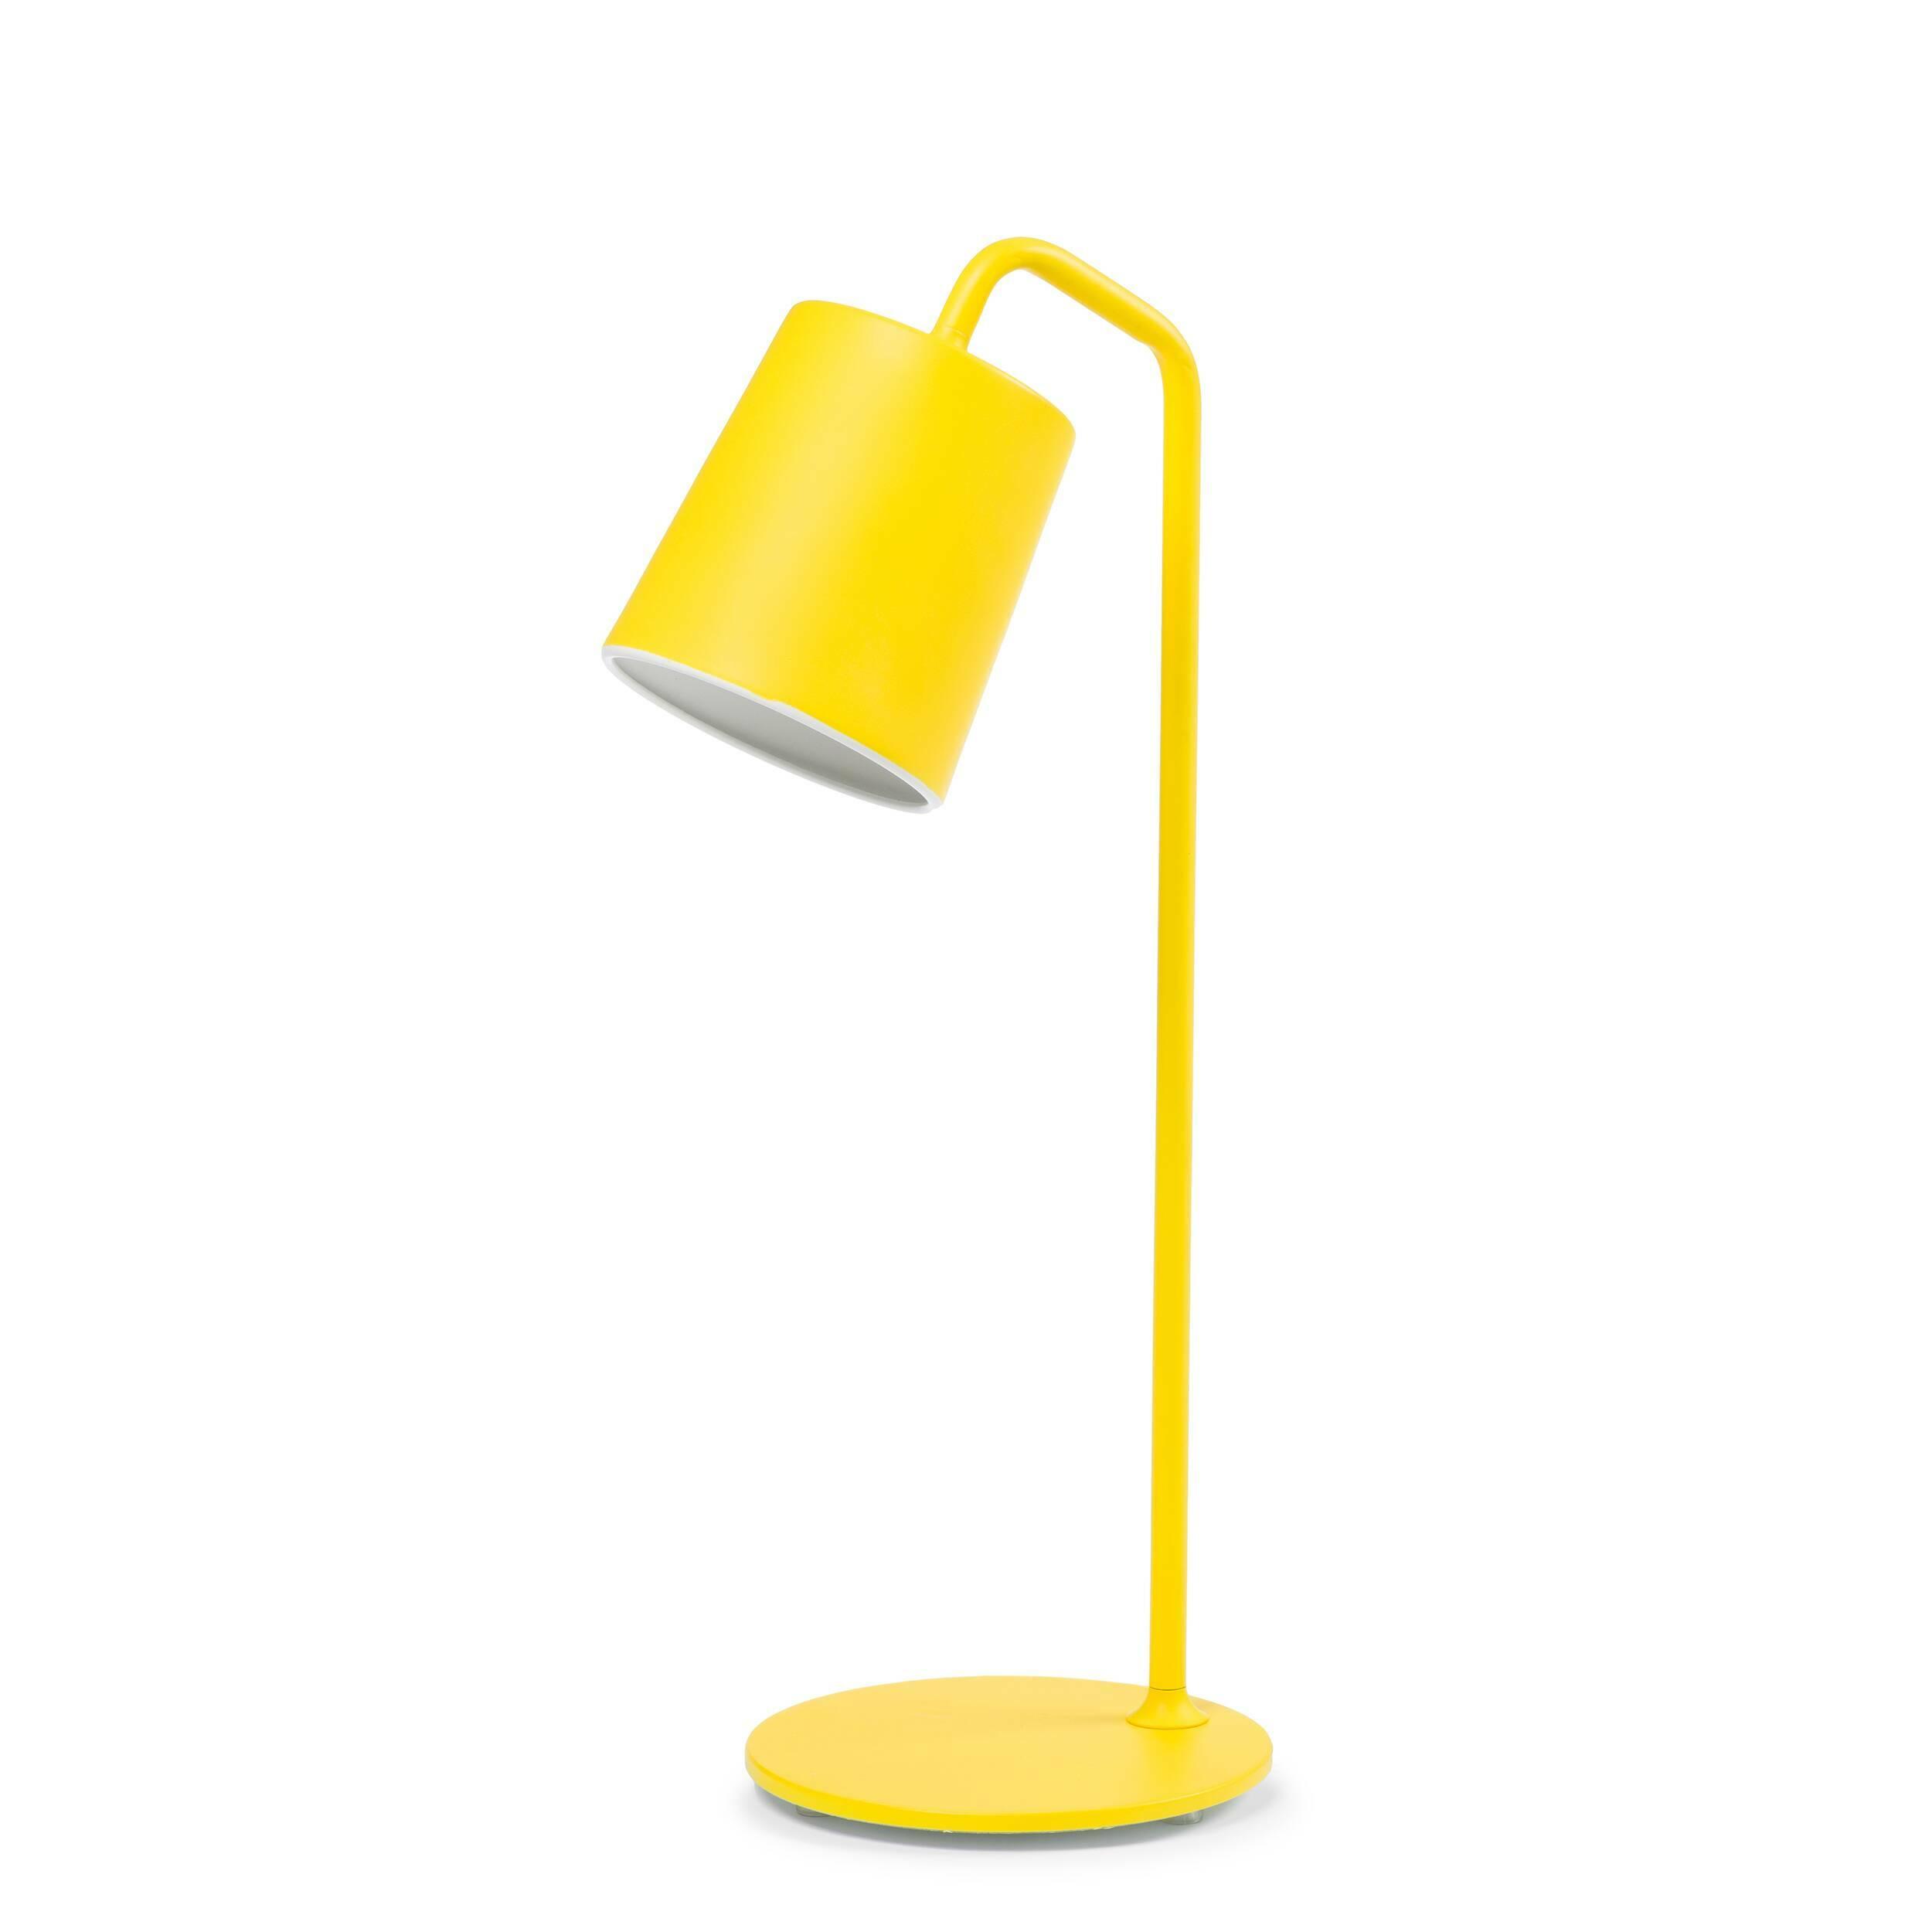 Настольный светильник HideНастольные<br>Для всех пуристов и ревнителей минимализма создан настольный светильник Hide без лишних деталей и украшений. Однако подойдет он и тем, кому не хватает изюминки в интерьере, благодаря позитивному ярко-желтому цвету абажура (в одной из вариаций). Для консерваторов есть черный и белый варианты.<br><br><br> Автор этой минималистичной и функциональной лампы из алюминия и металла — стокгольмец Томас Бернстранд, который продолжает традиции скандинавской школы с ее простотой и удобством, не зря он учи...<br><br>stock: 0<br>Высота: 57<br>Диаметр: 13<br>Количество ламп: 1<br>Материал абажура: Алюминий<br>Материал арматуры: Металл<br>Мощность лампы: 40<br>Ламп в комплекте: Нет<br>Напряжение: 220<br>Тип лампы/цоколь: E14<br>Цвет абажура: Желтый<br>Цвет арматуры: Желтый